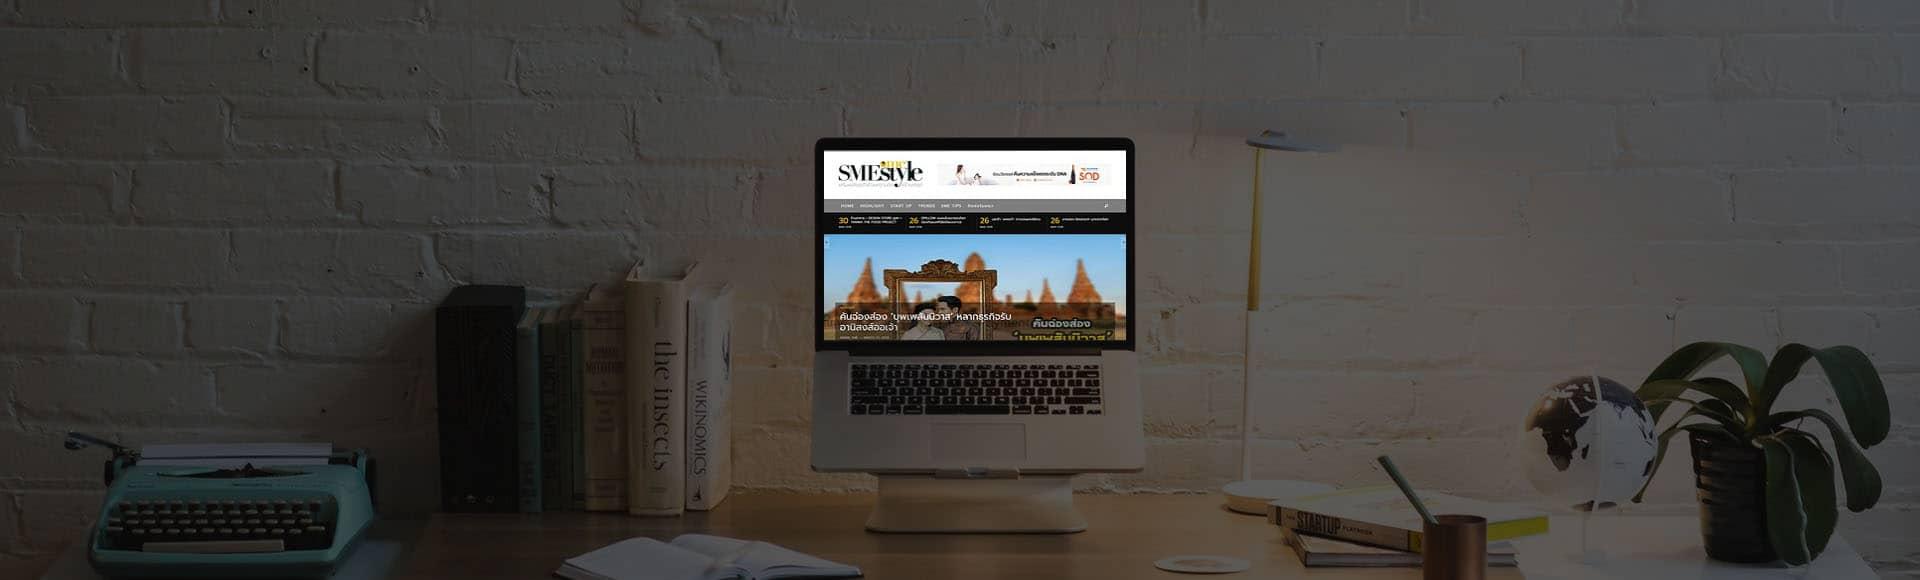 ผลงานทำเว็บไซต์สัญจรร่วมกัน | บริการรับทำเว็บไซต์ ออกแบบเว็บไซต์